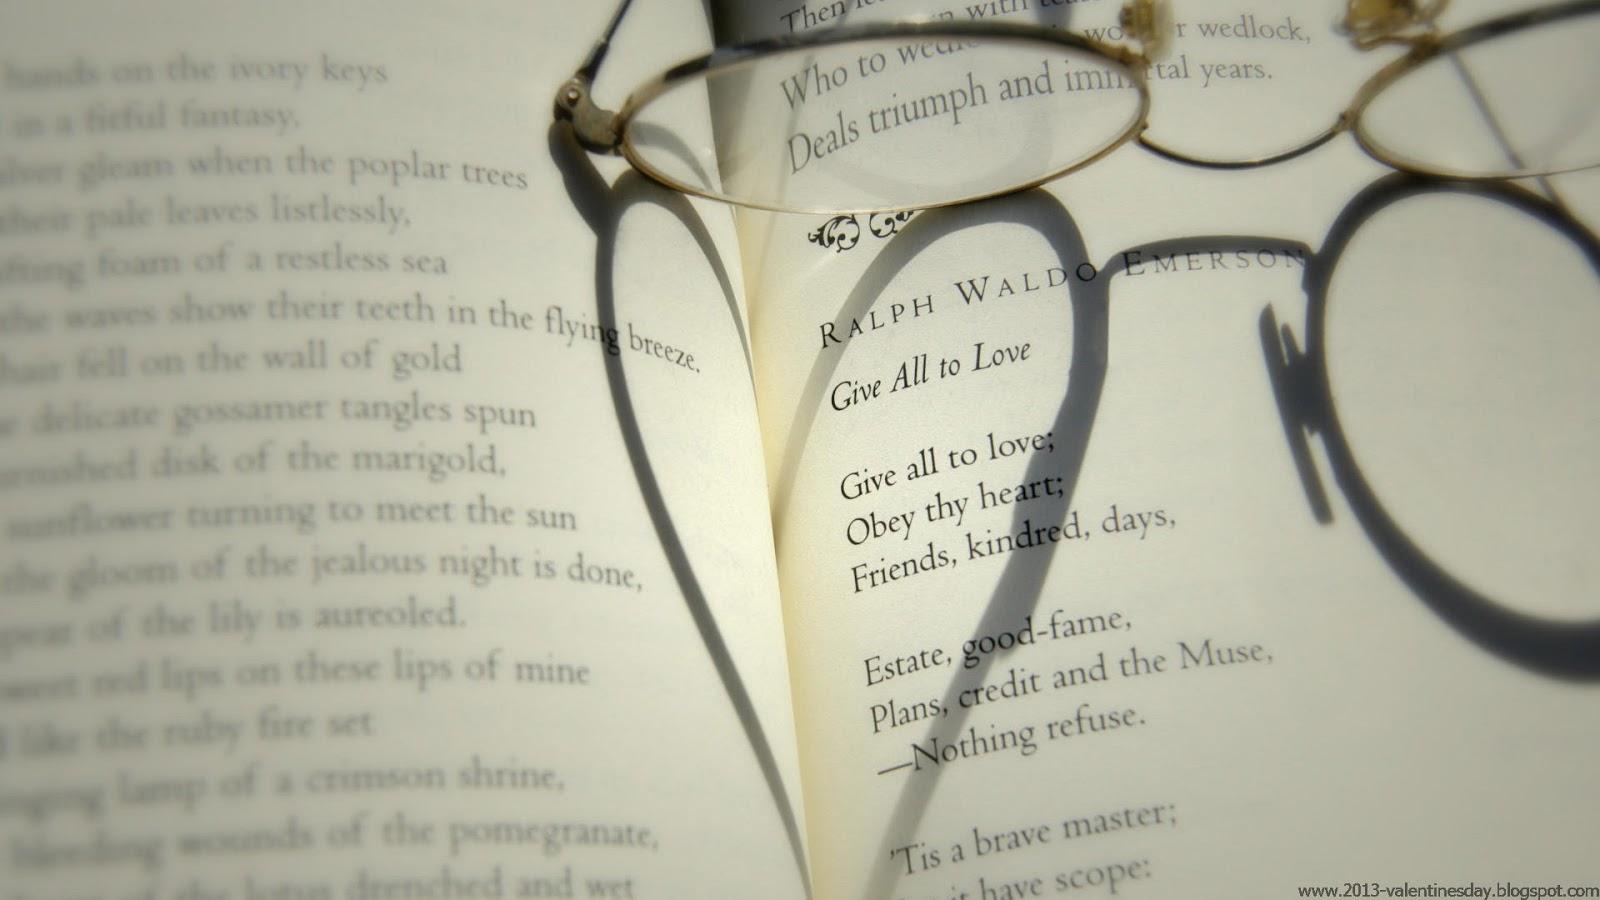 http://4.bp.blogspot.com/-8j-3X1-bL_E/UP9T4pXkcRI/AAAAAAAAC40/yJvBZjChzj4/s1600/reading_love_poems_1920x1080.jpg